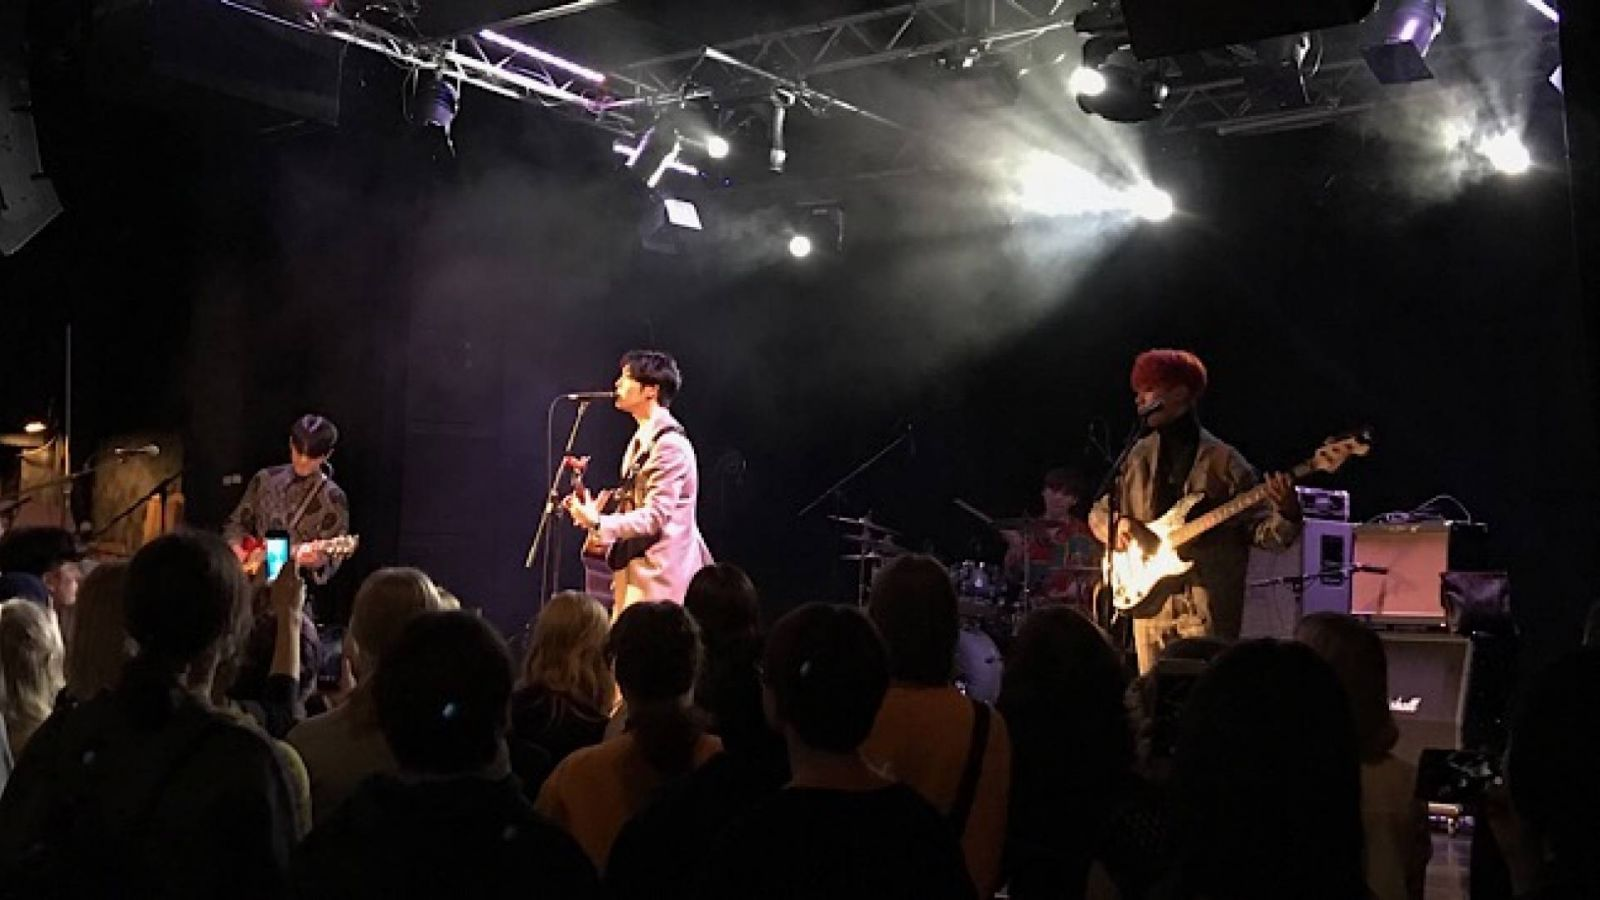 South Club - Second European Tour - Gloria, Helsinki 23.11.2018 © KoME Suomi, Anna Nikkinen